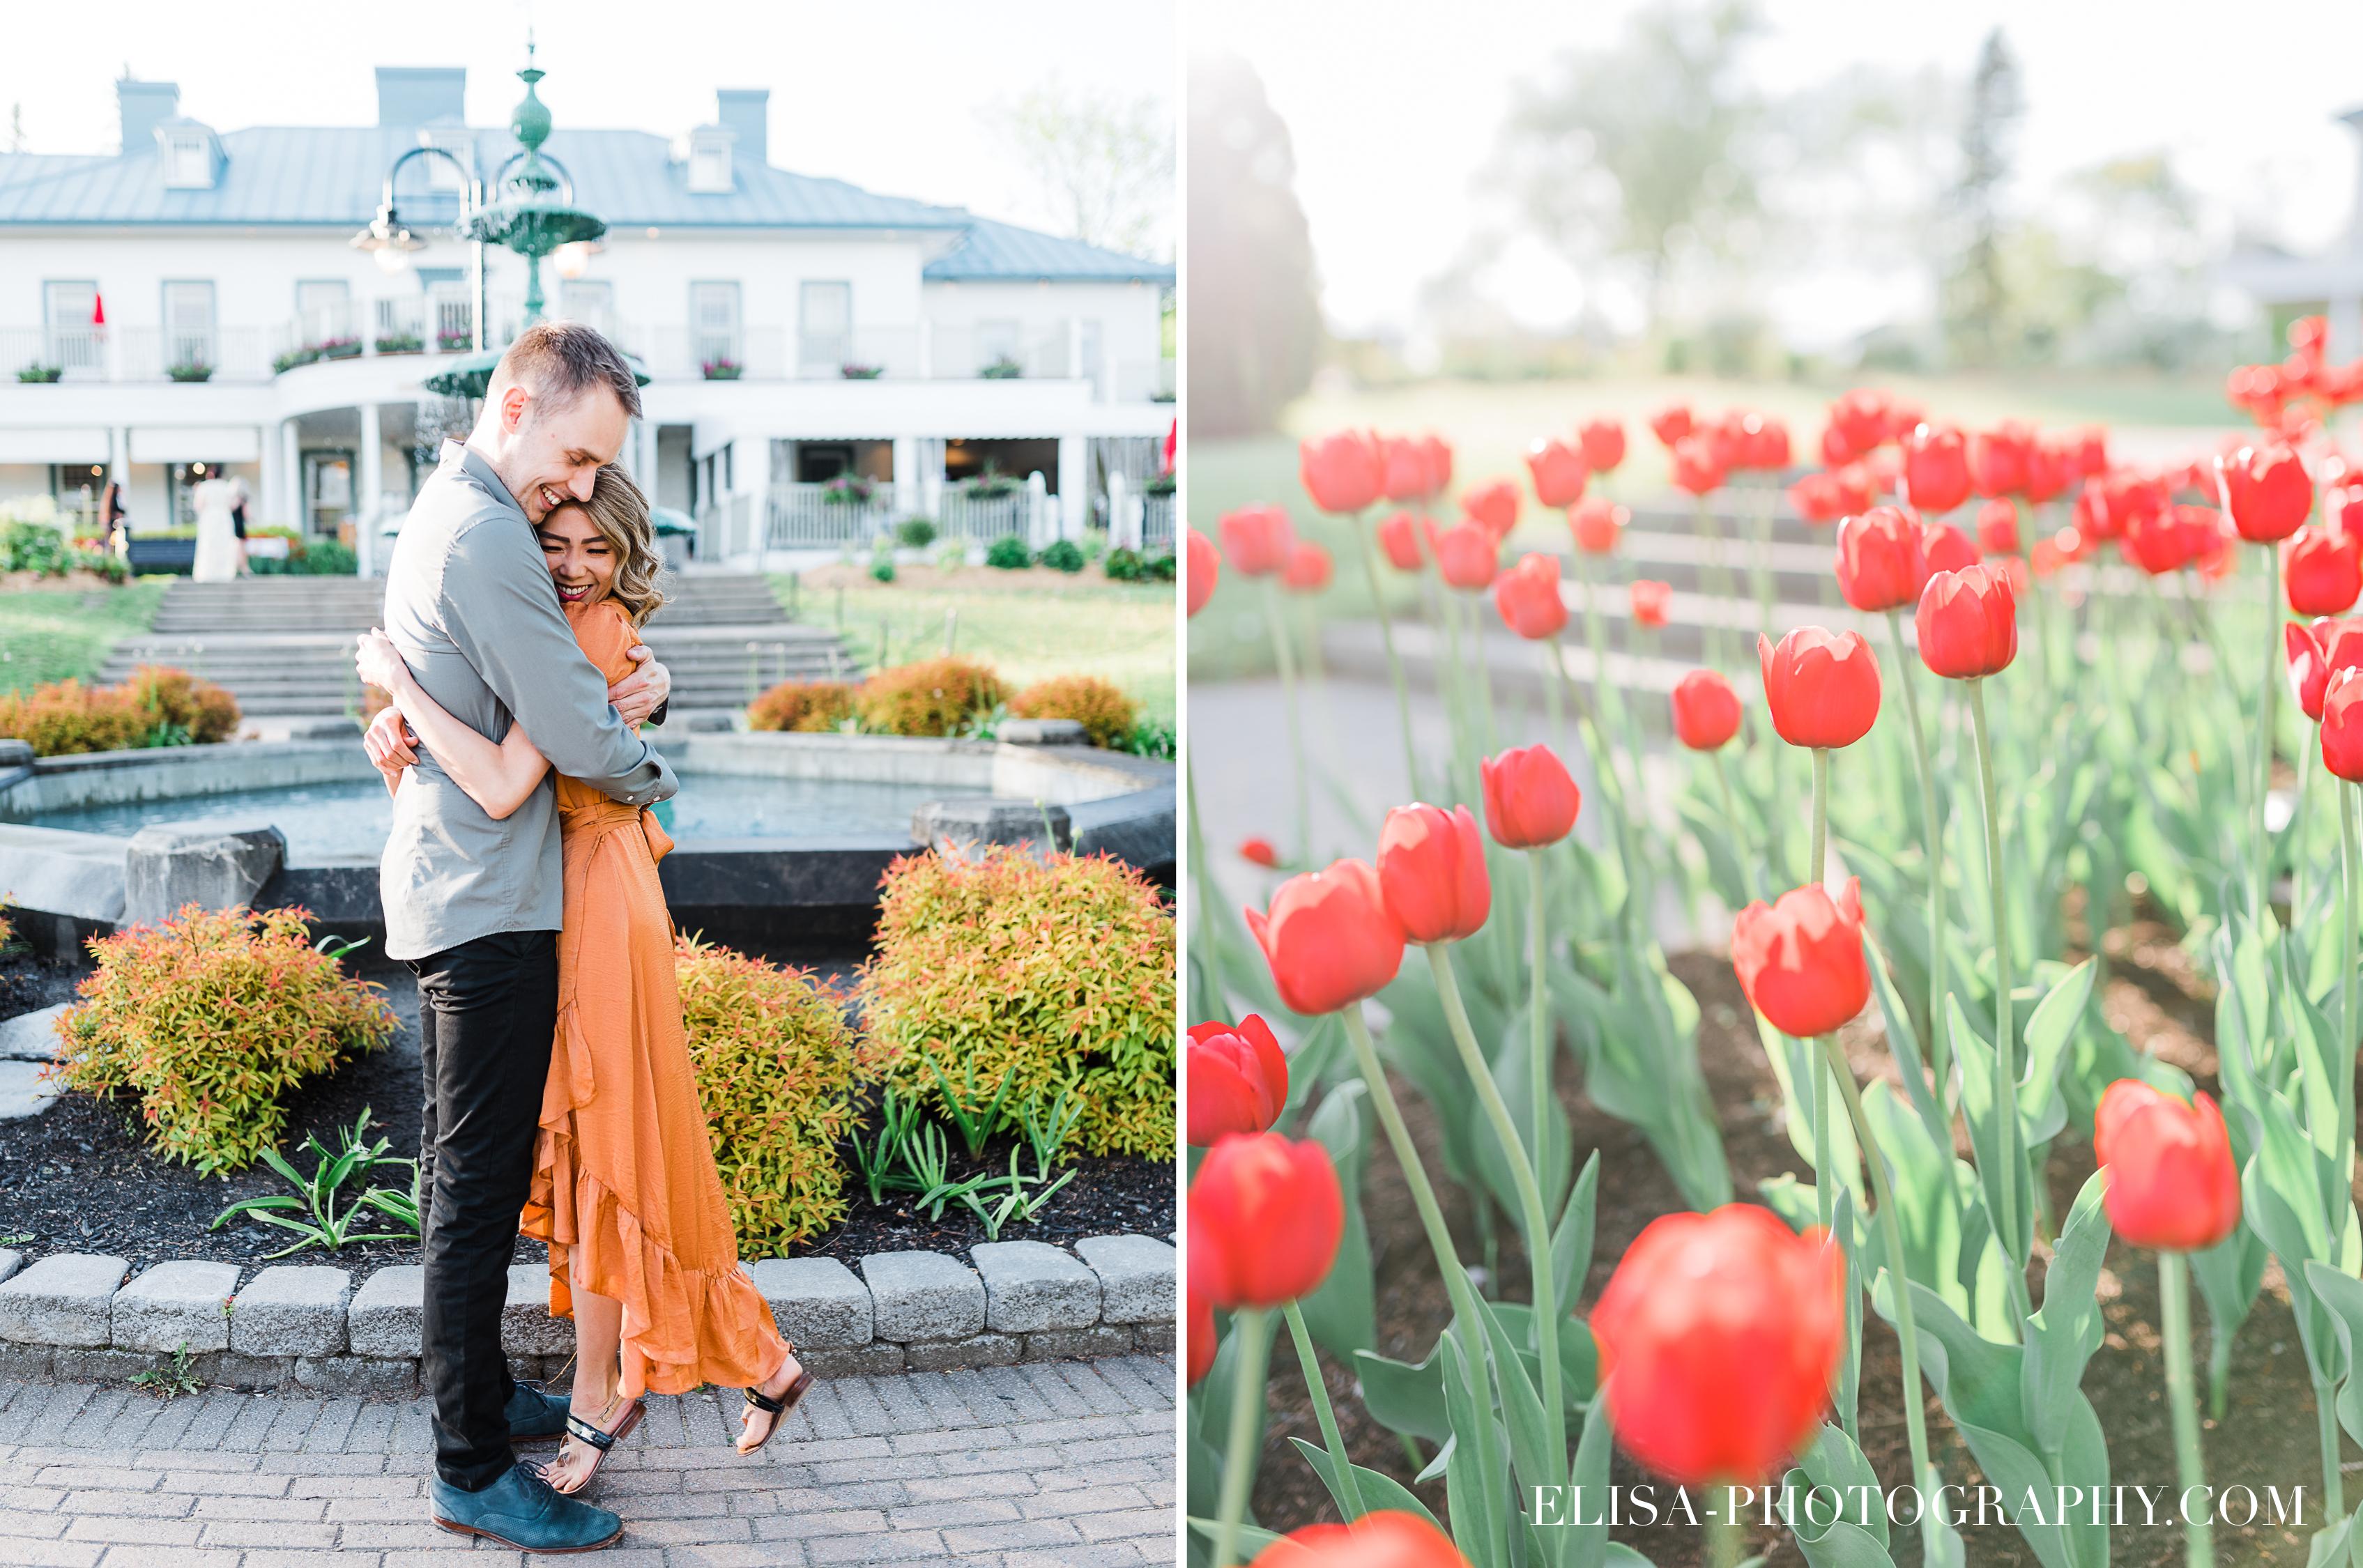 photos couple engagement fiancailles ville quebec canada chute montmorency pommiers elisa photographe mariage tulipes - Séance photo de couple au manoir Montmorency à Québec